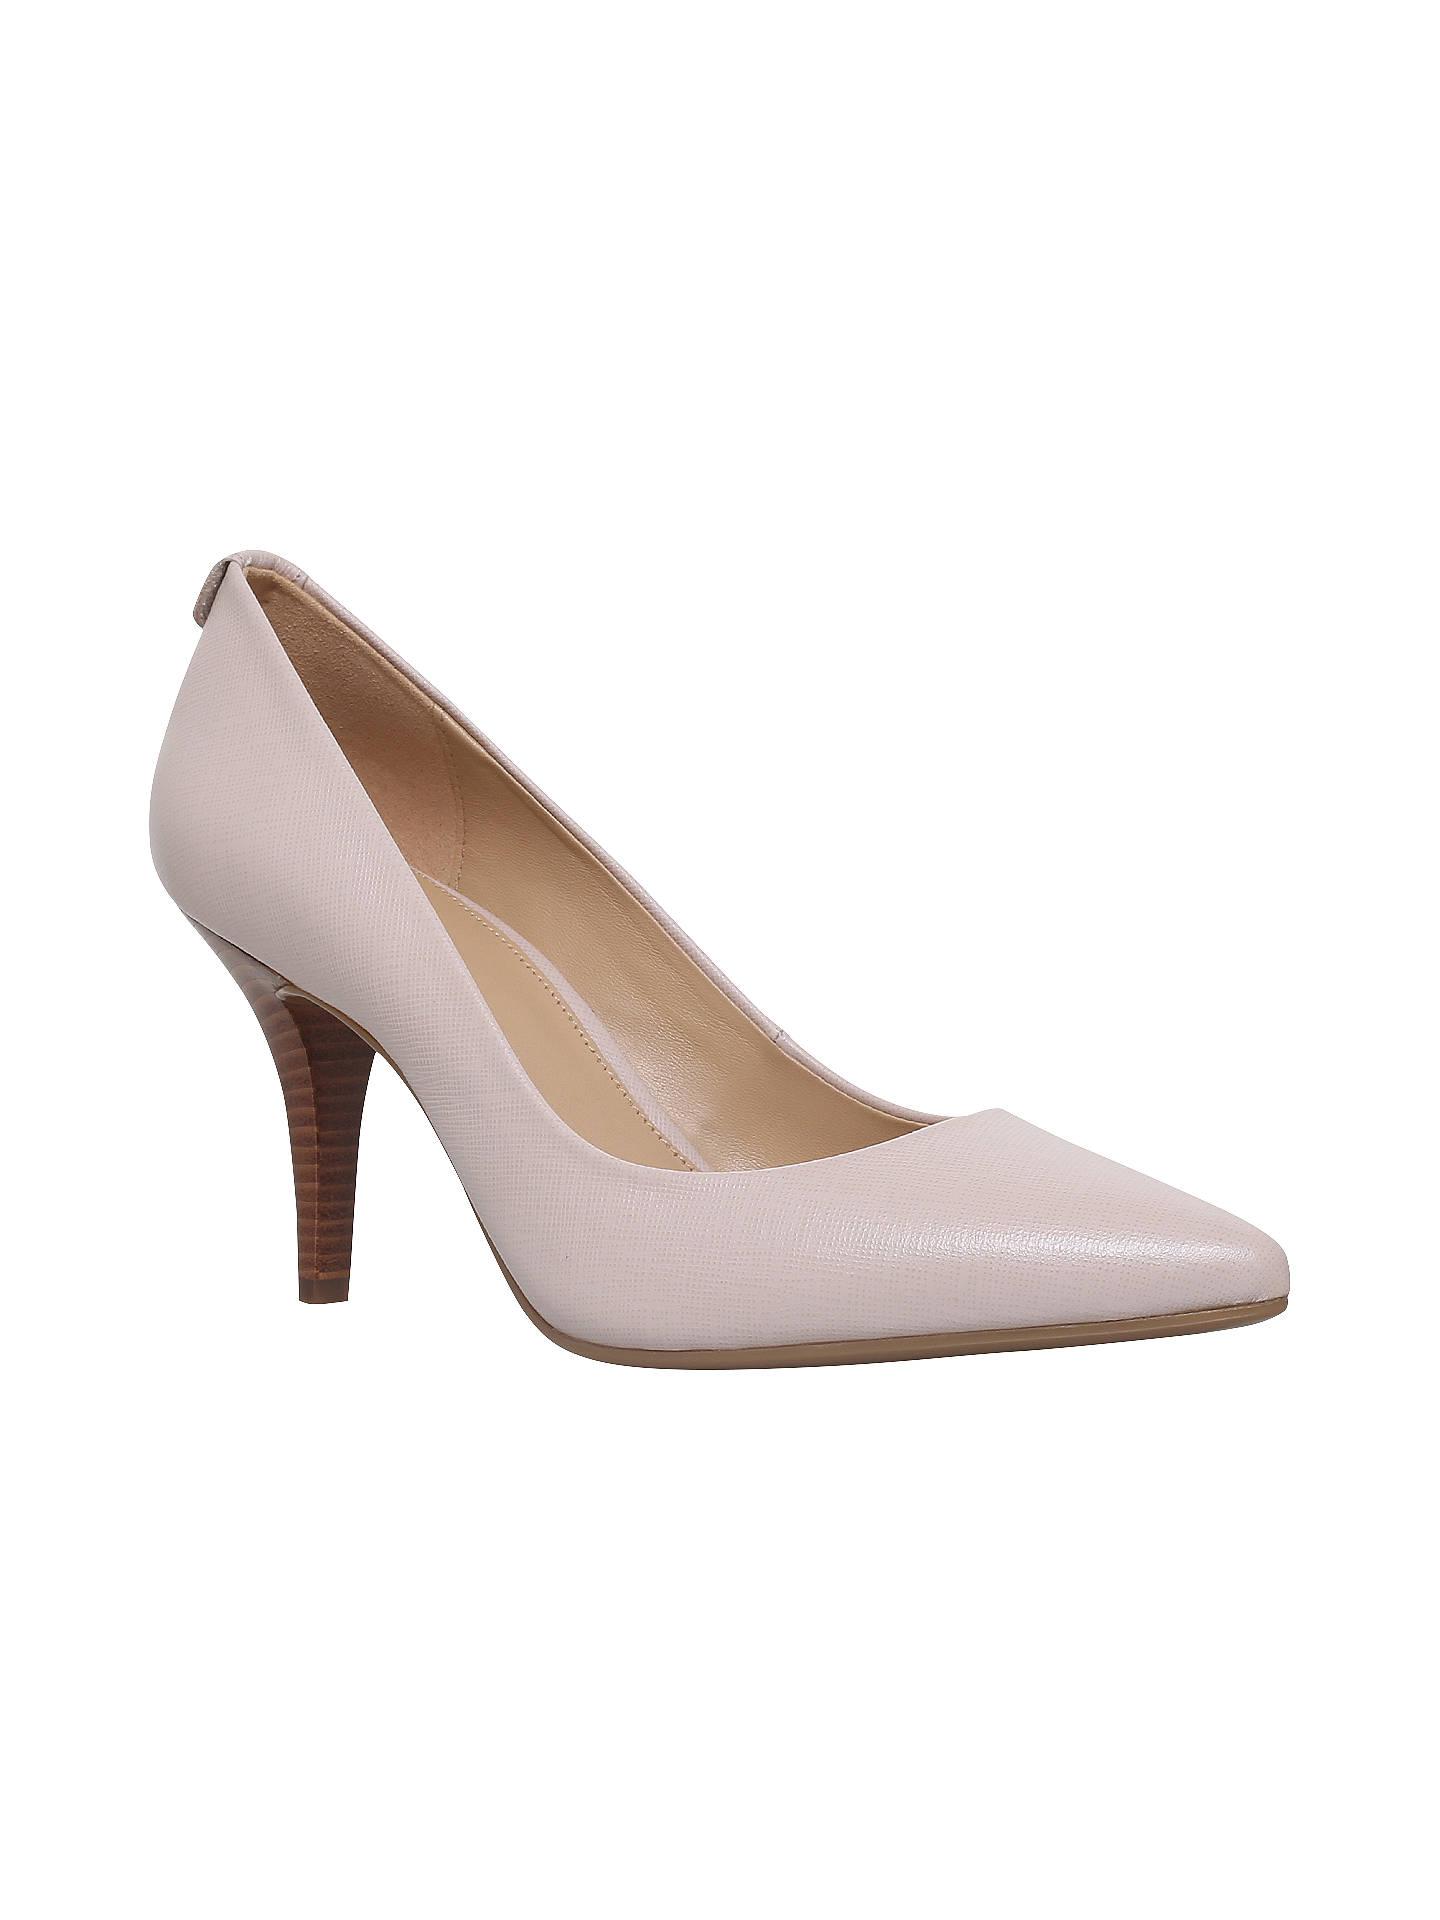 b5b8c045c08 MICHAEL Michael Kors Flex Pump Stiletto Court Shoes at John Lewis ...